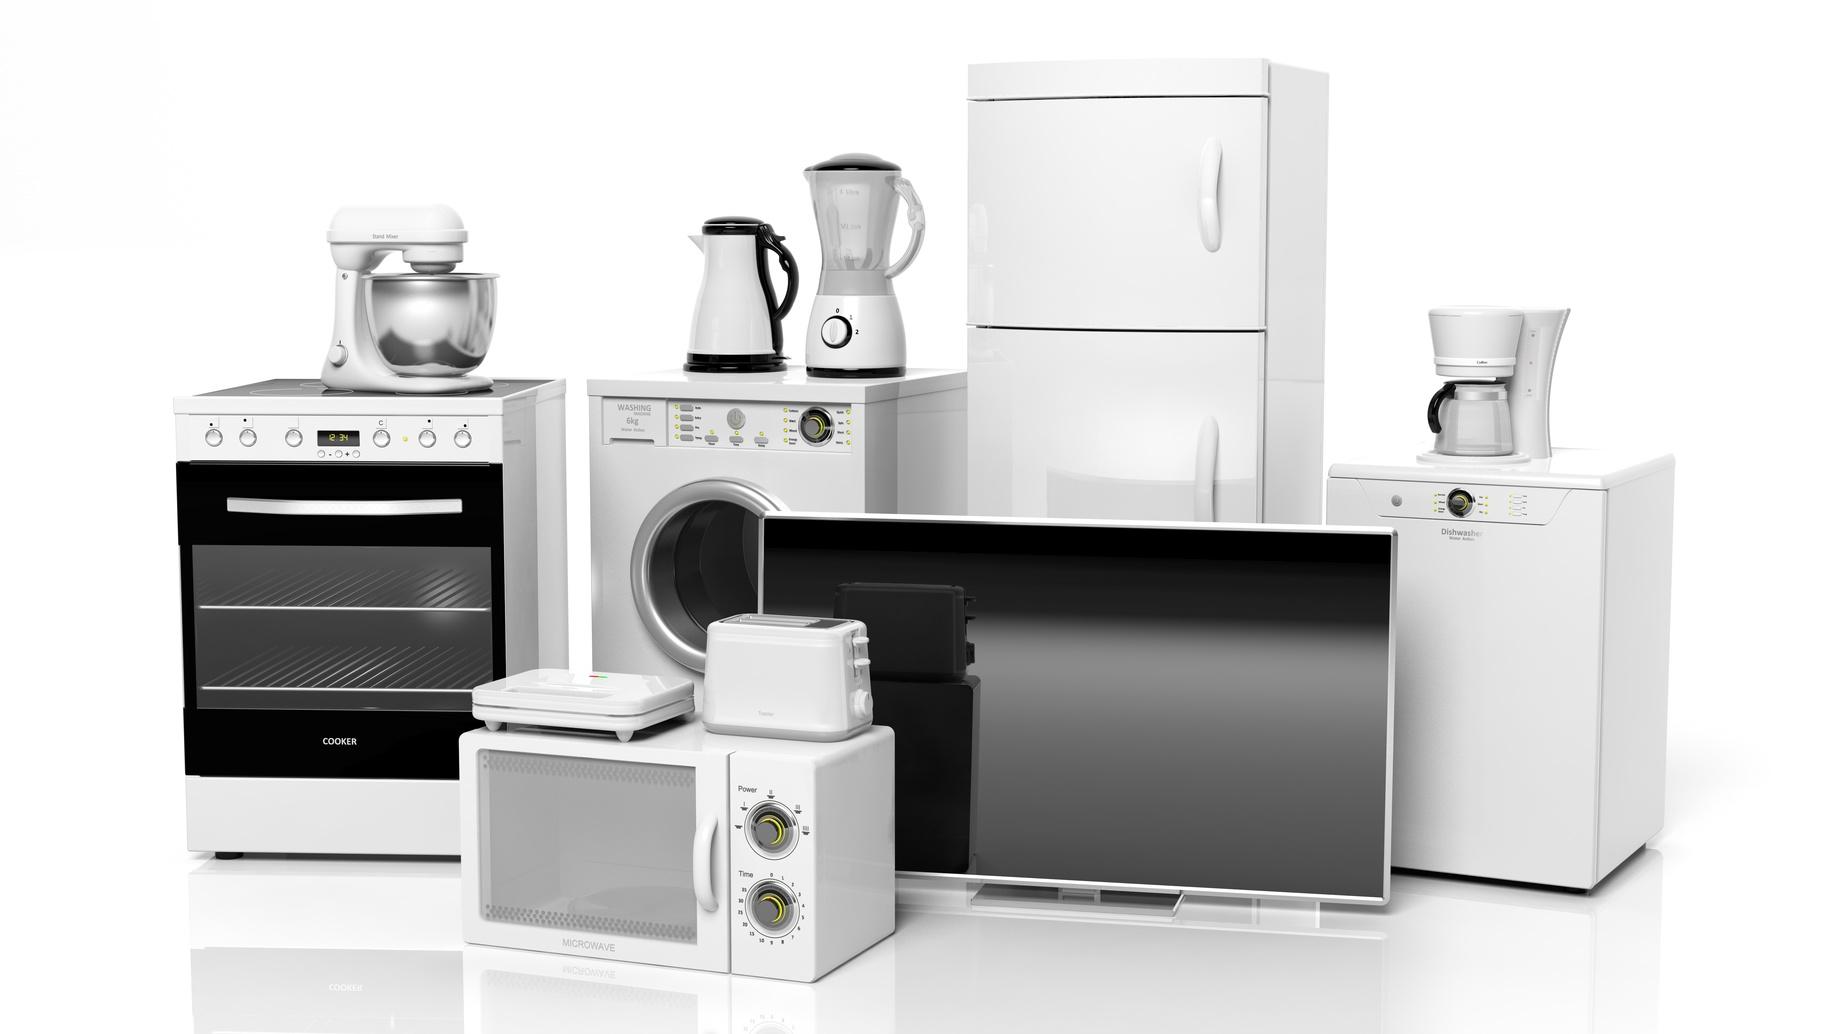 ¿Qué electrodoméstico me interesa comprar? ¿Cómo calcular el coste total de compra MÁS el coste de consumo durante 10 años?